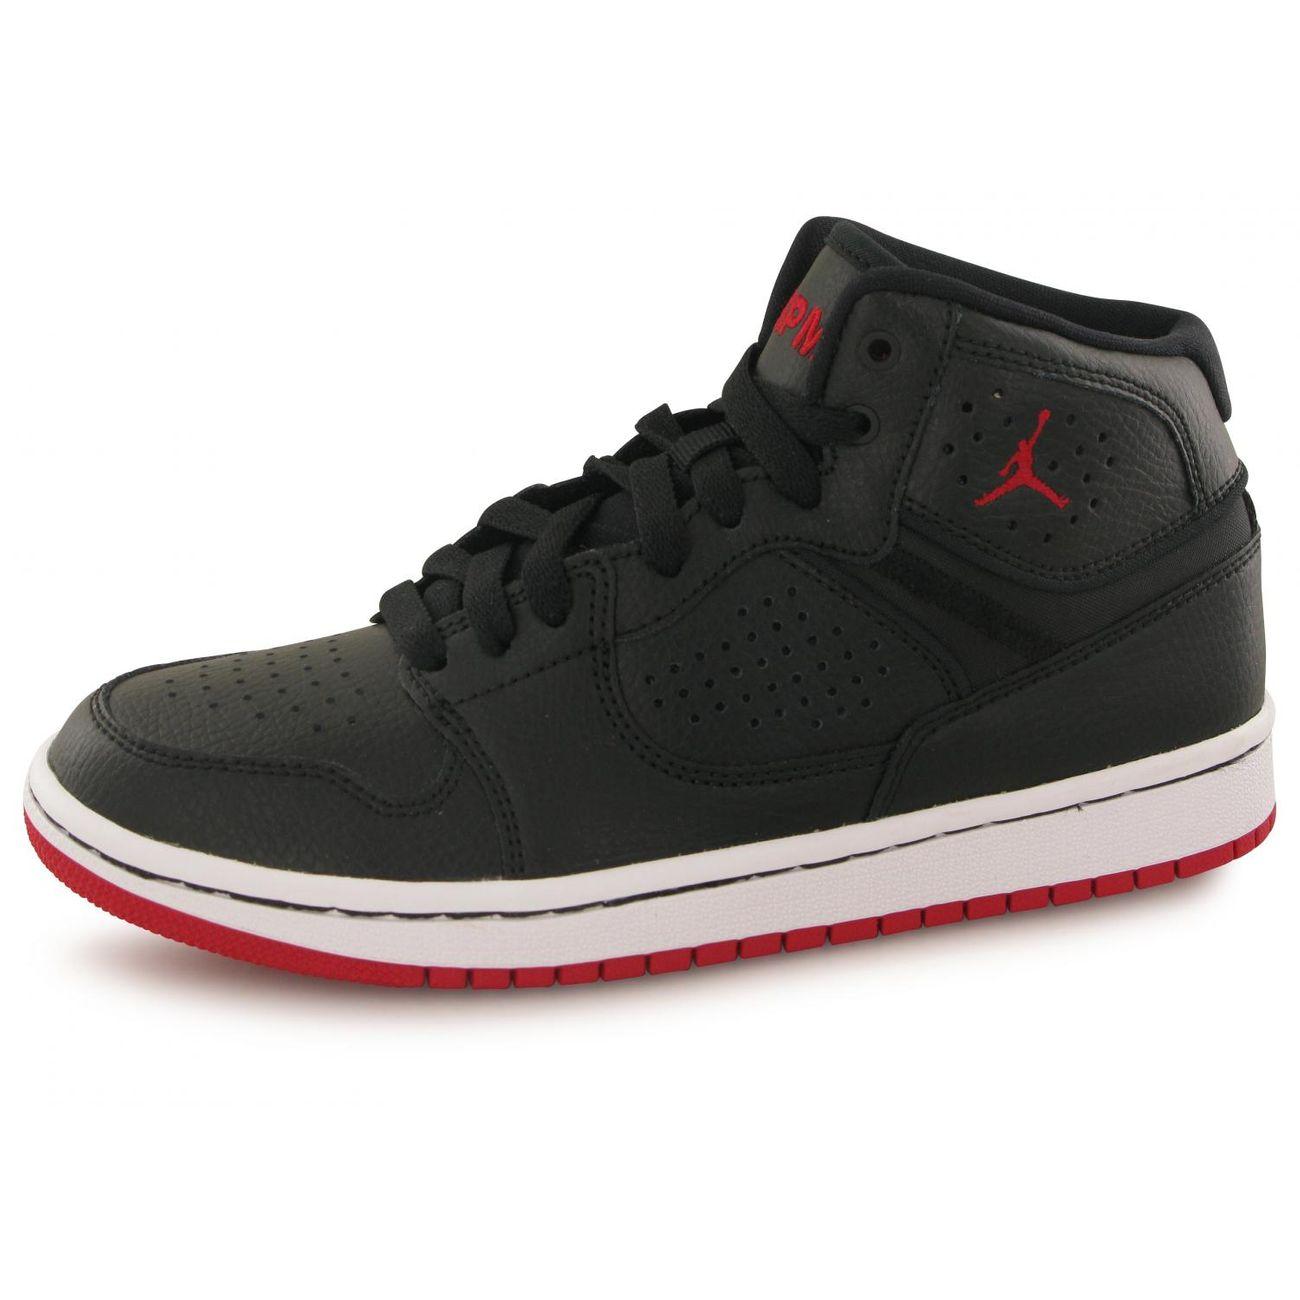 baskets pour pas cher 36cfd 641f3 Basket ball enfant NIKE Chaussures Jordan Access